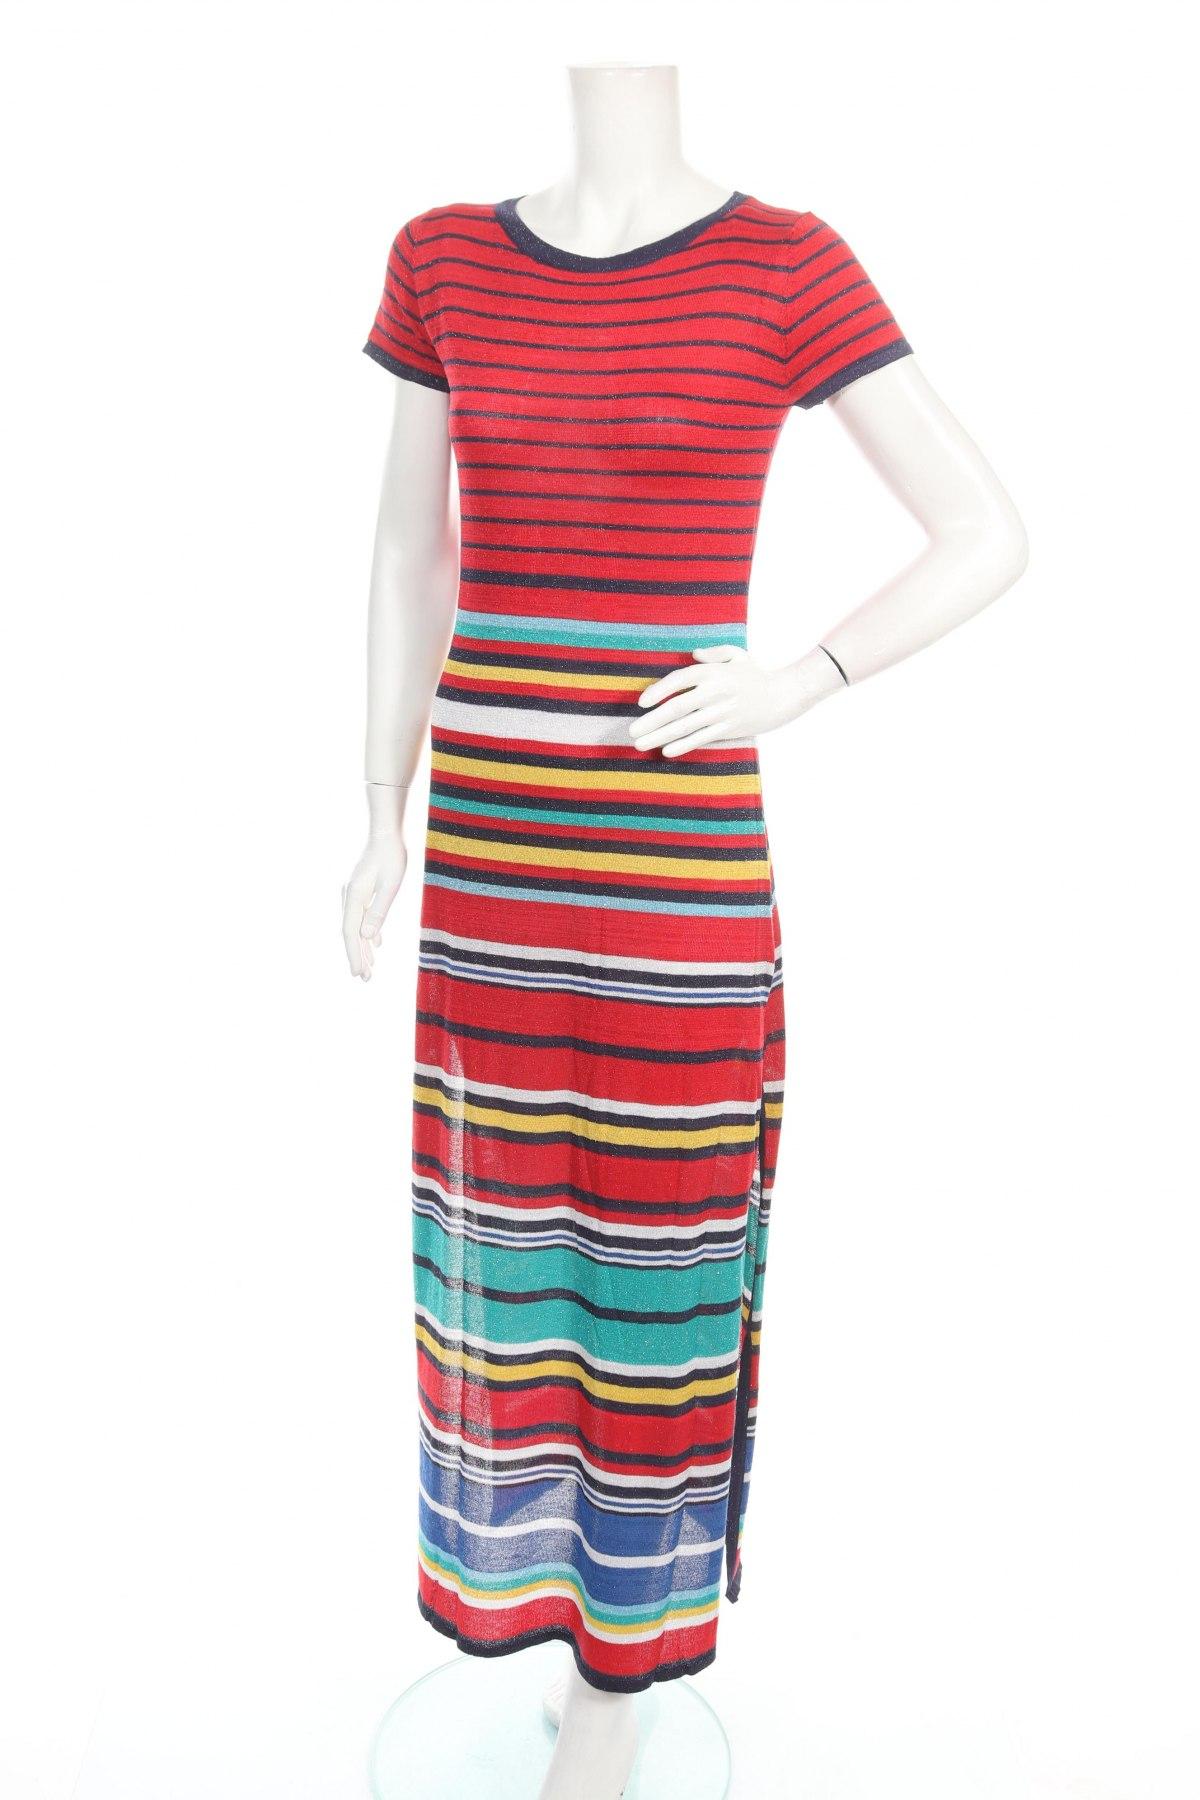 Φόρεμα Desigual, Μέγεθος L, Χρώμα Πολύχρωμο, 74% βισκόζη, 18% πολυεστέρας, 8% μεταλλικά νήματα, Τιμή 73,07€